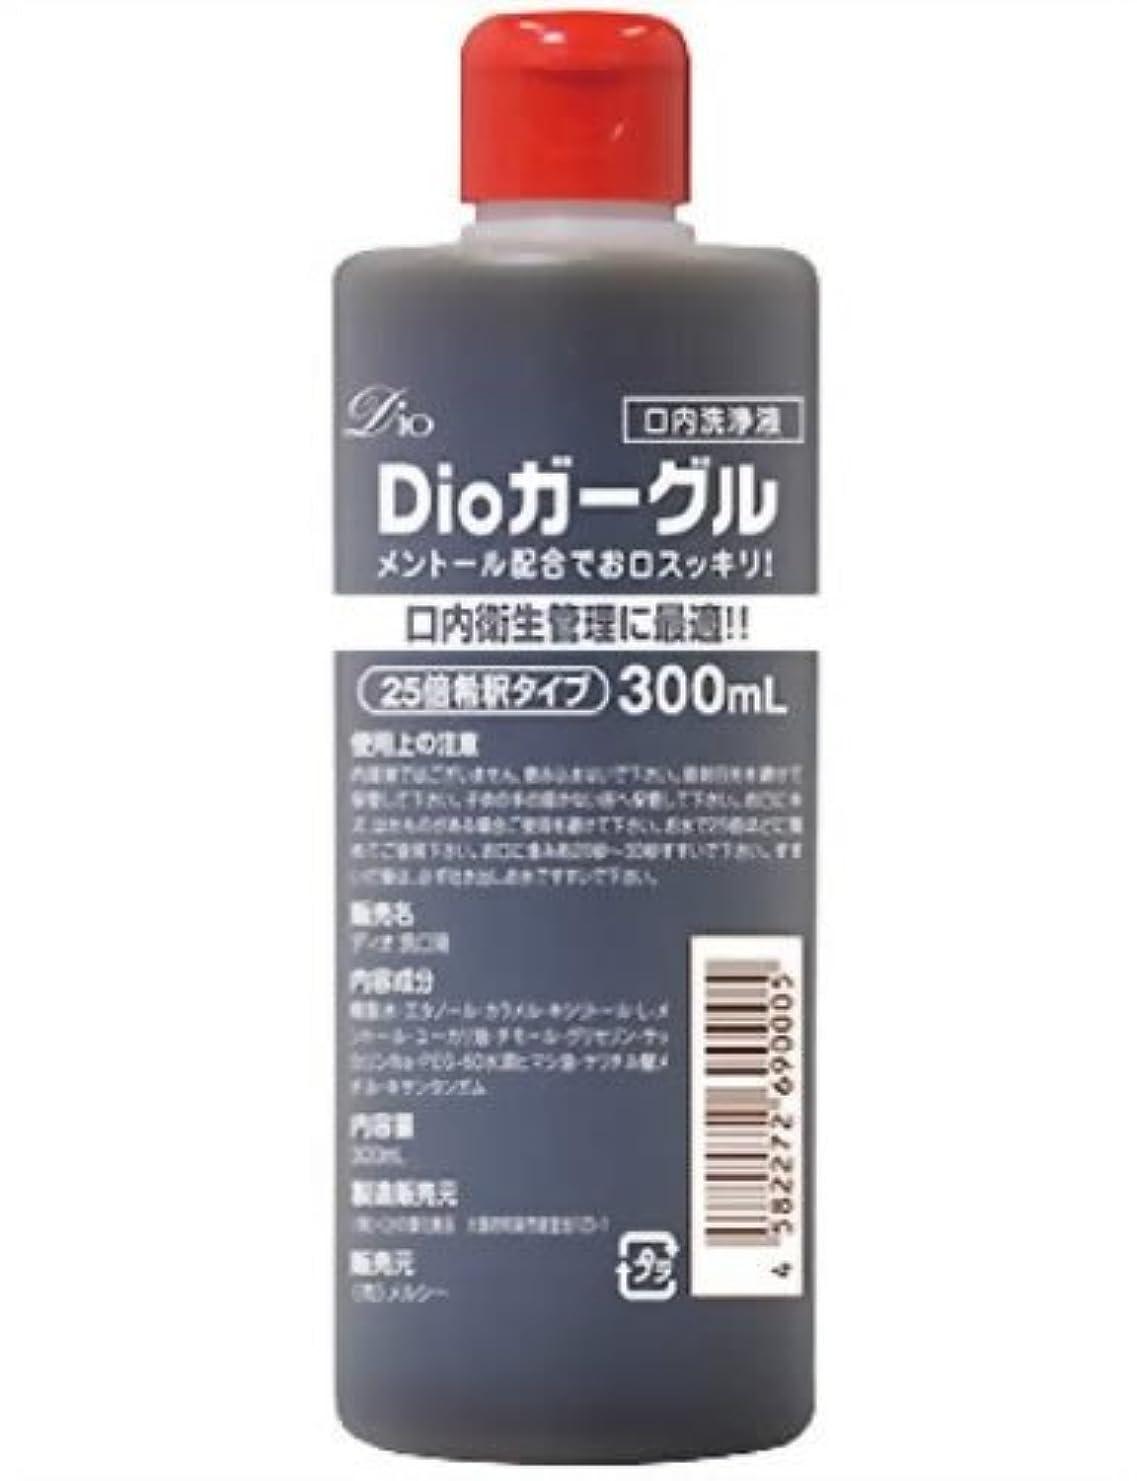 センチメンタルハードリング不運【業務用】 Dioガーグル 300ml